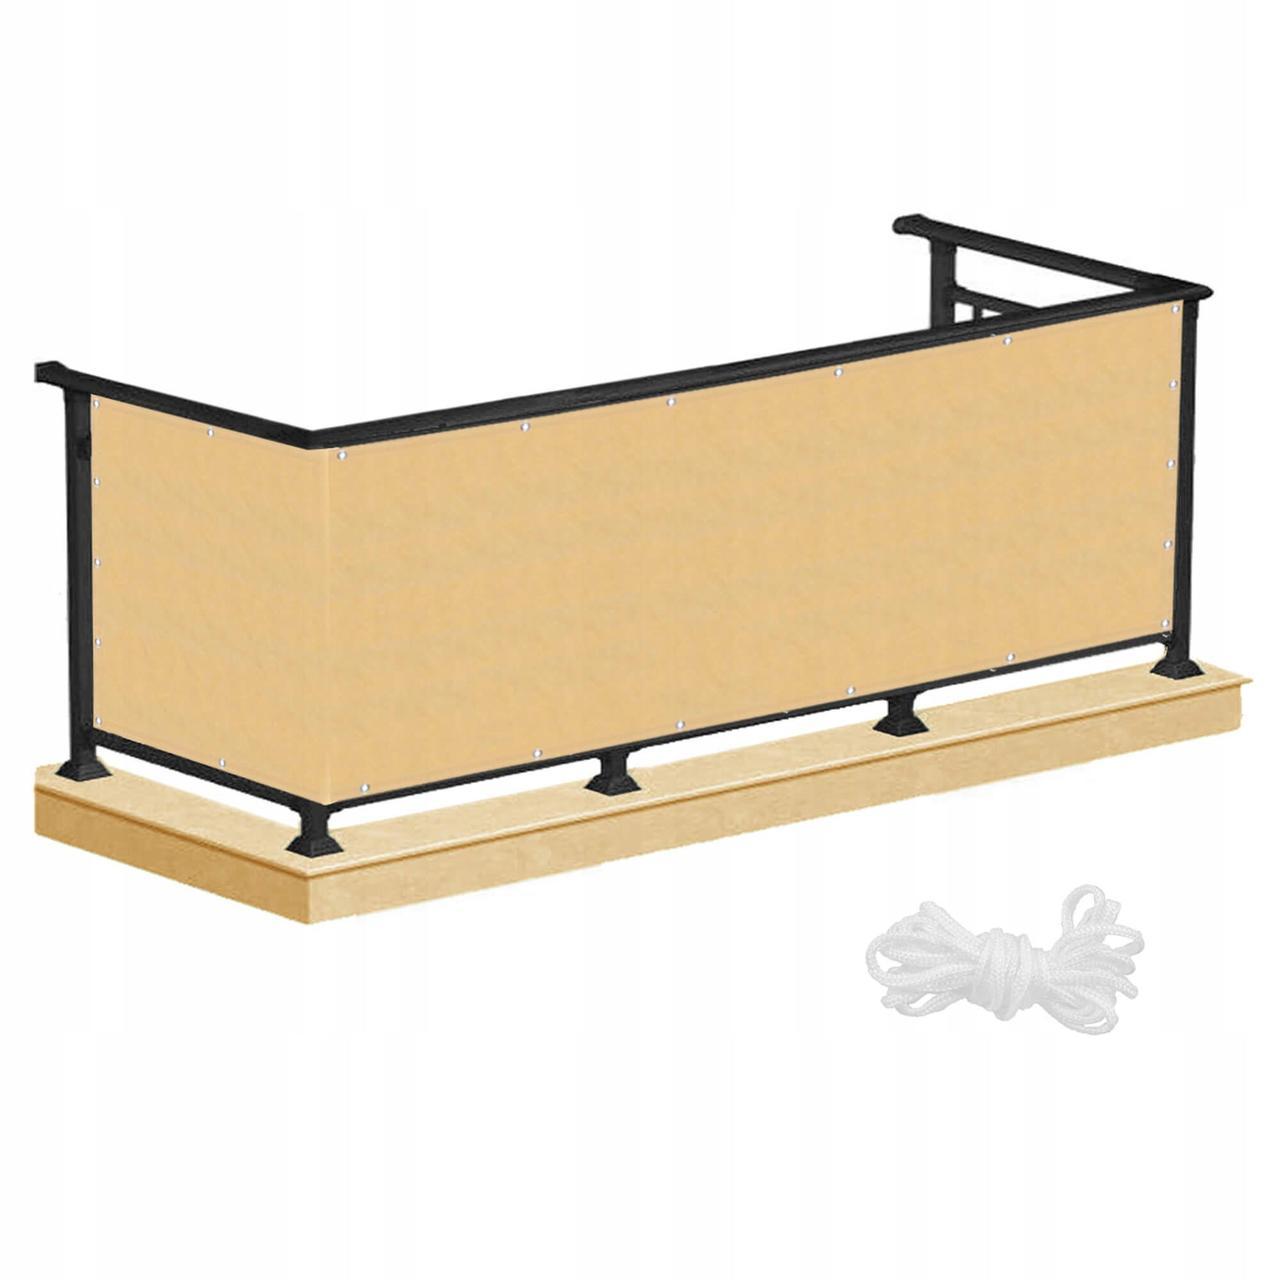 Ширма для балкона (балконна завіса) Springos 1 x 7 м BN1017 Бежева